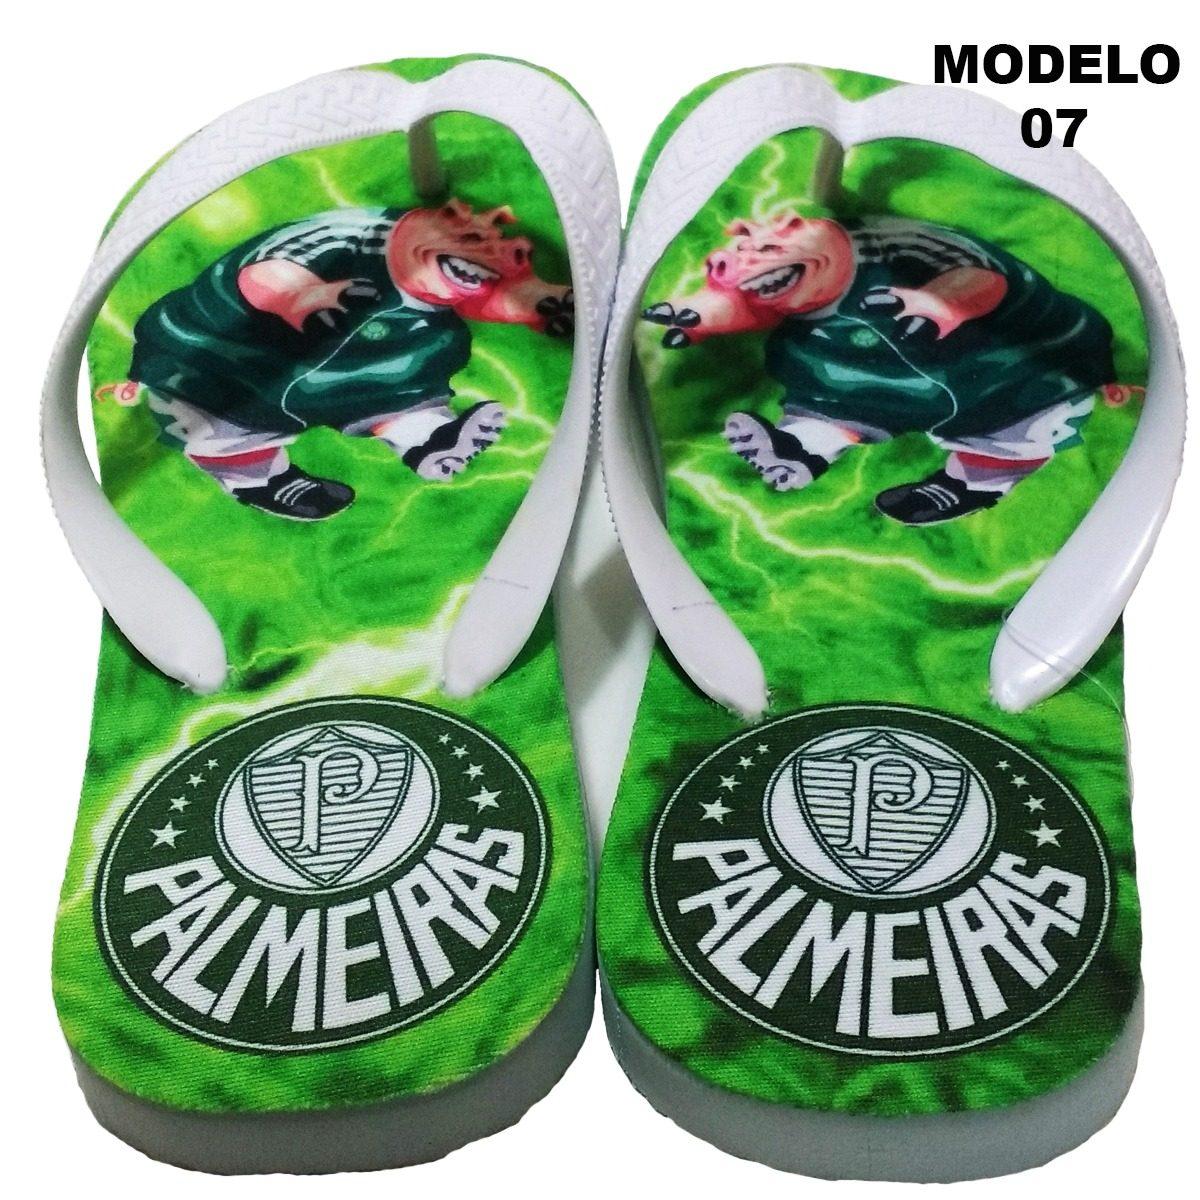 358e0cf23 Chinelo Personalizado Do Palmeiras Time (coloque Seu Nome) 7 - R$ 35 ...